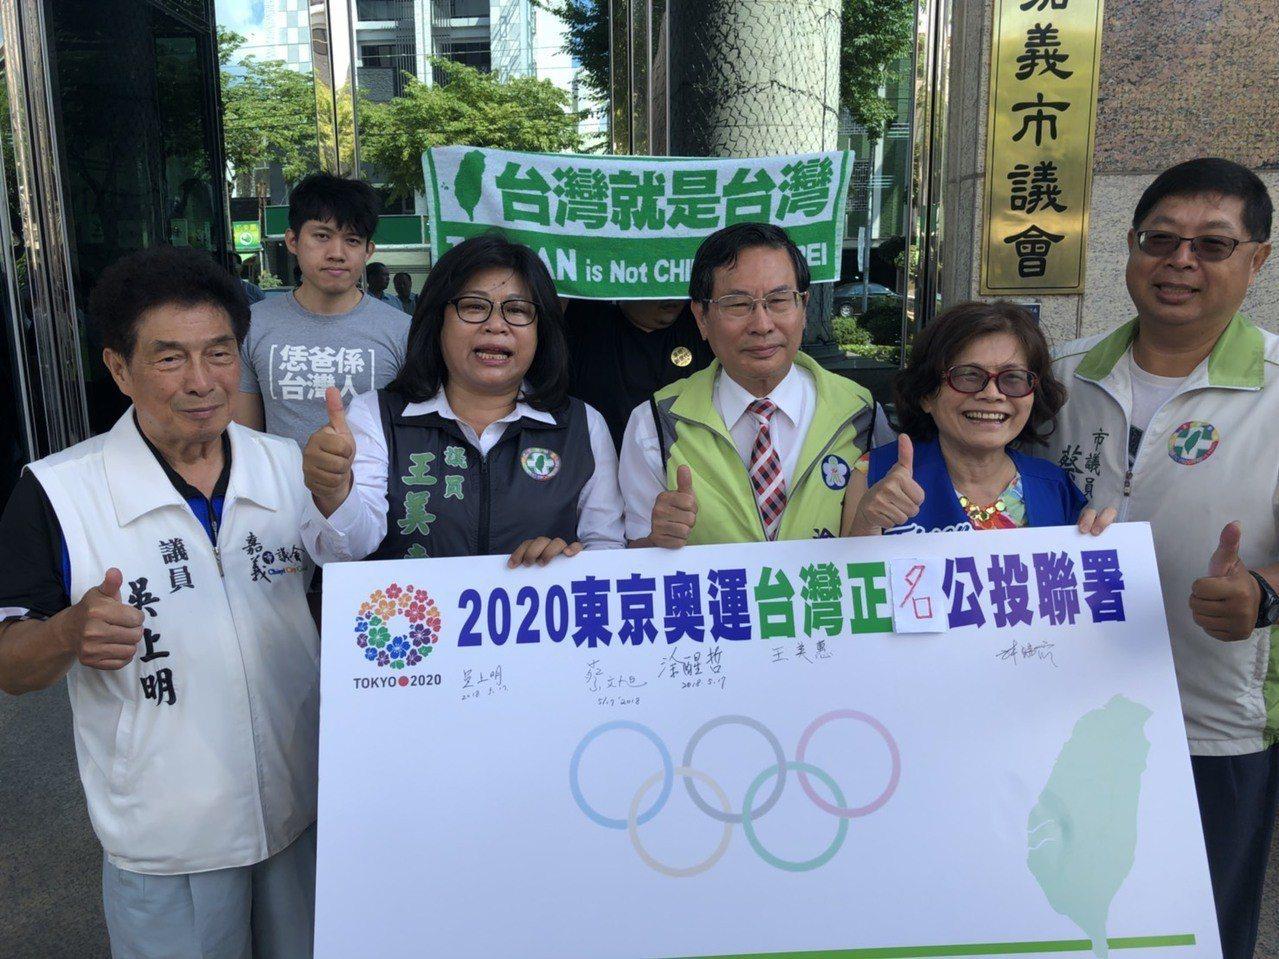 前奧運選手紀政領銜提出的「二○二○東京奧運台灣正名公投」提案,持續在各地展開,嘉...